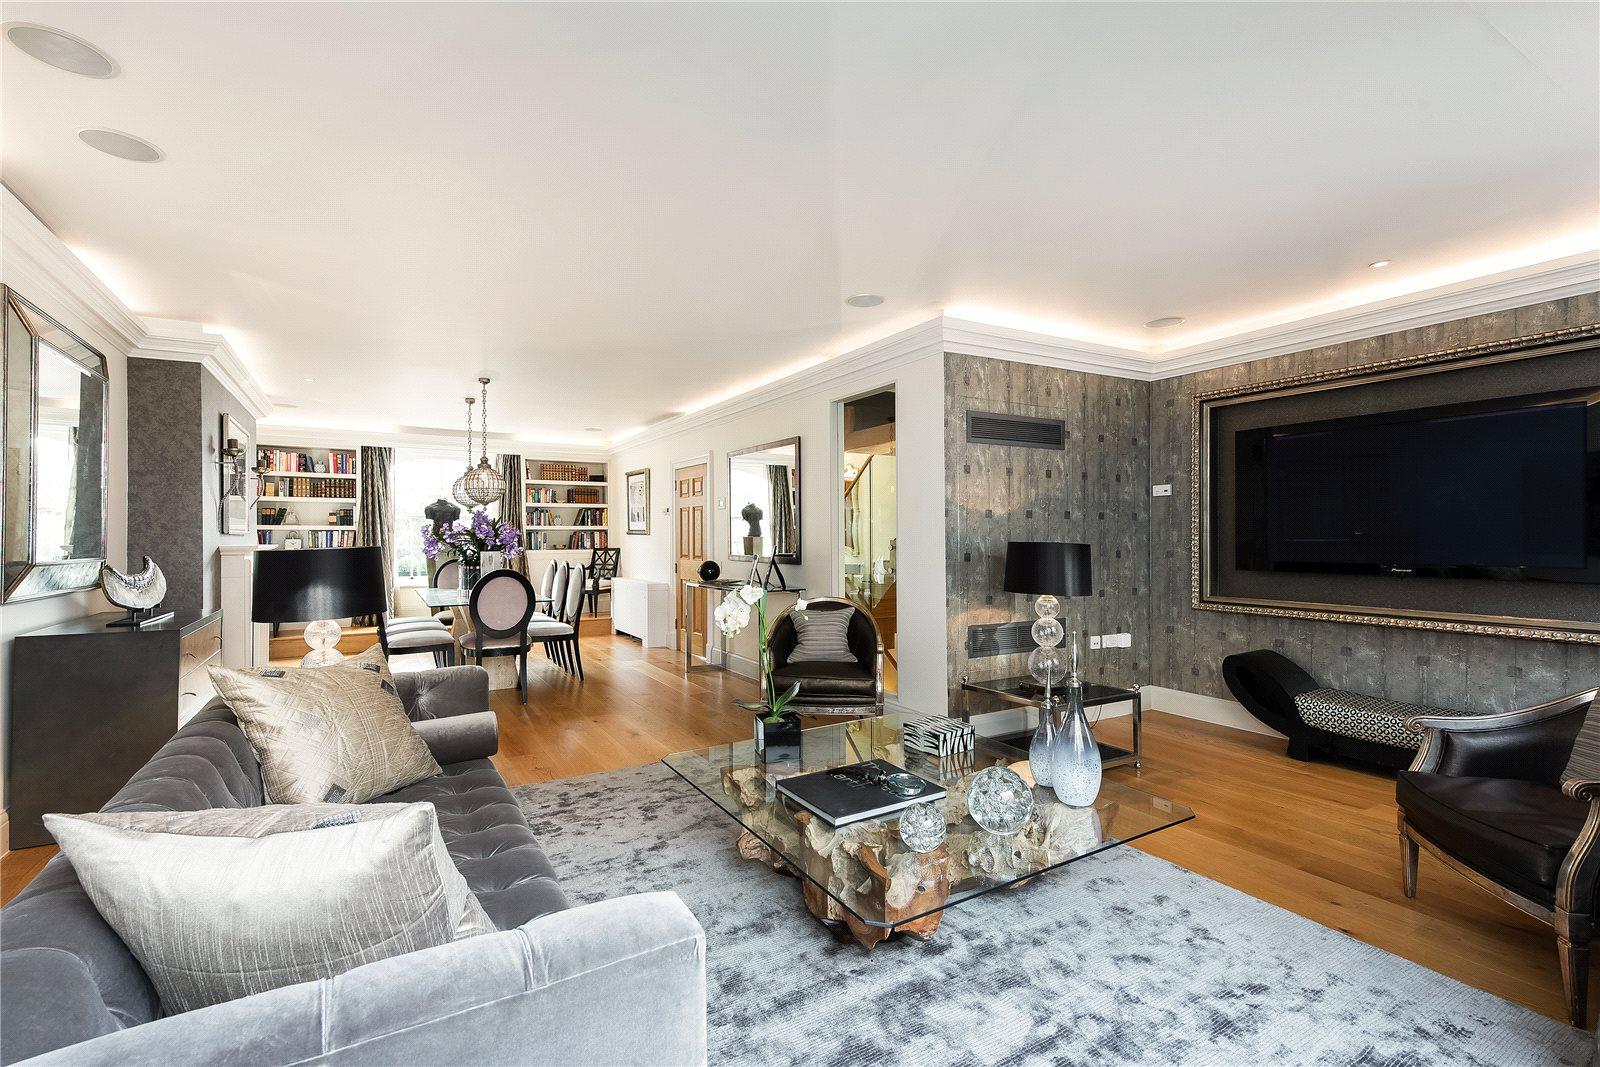 独户住宅 为 销售 在 Clareville Street, South Kensington, London, SW7 South Kensington, London, 英格兰